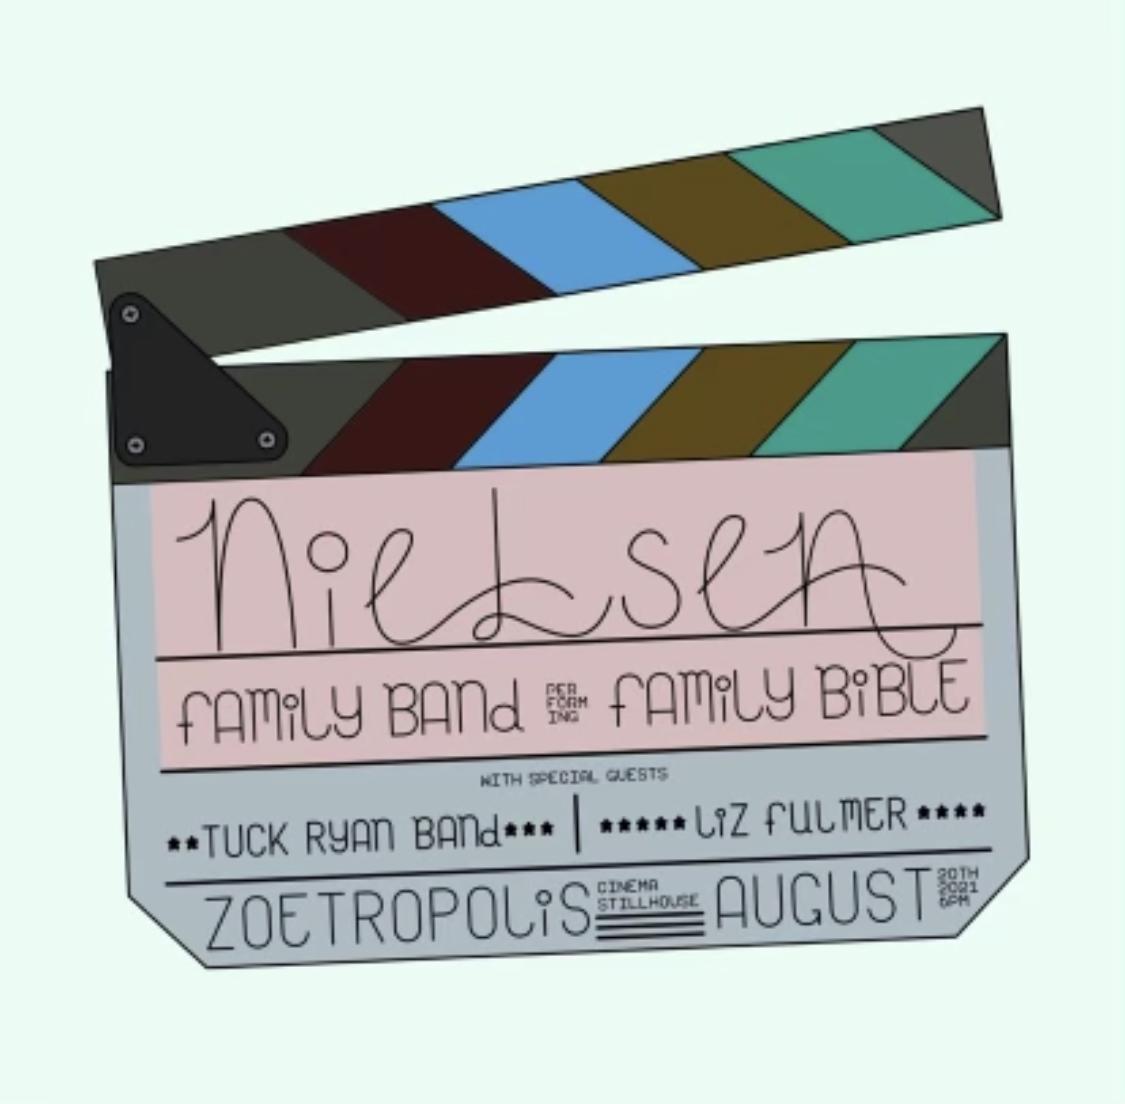 Poster for Nielsen Family Band w/ Tuck Ryan Band, & Liz Fulmer